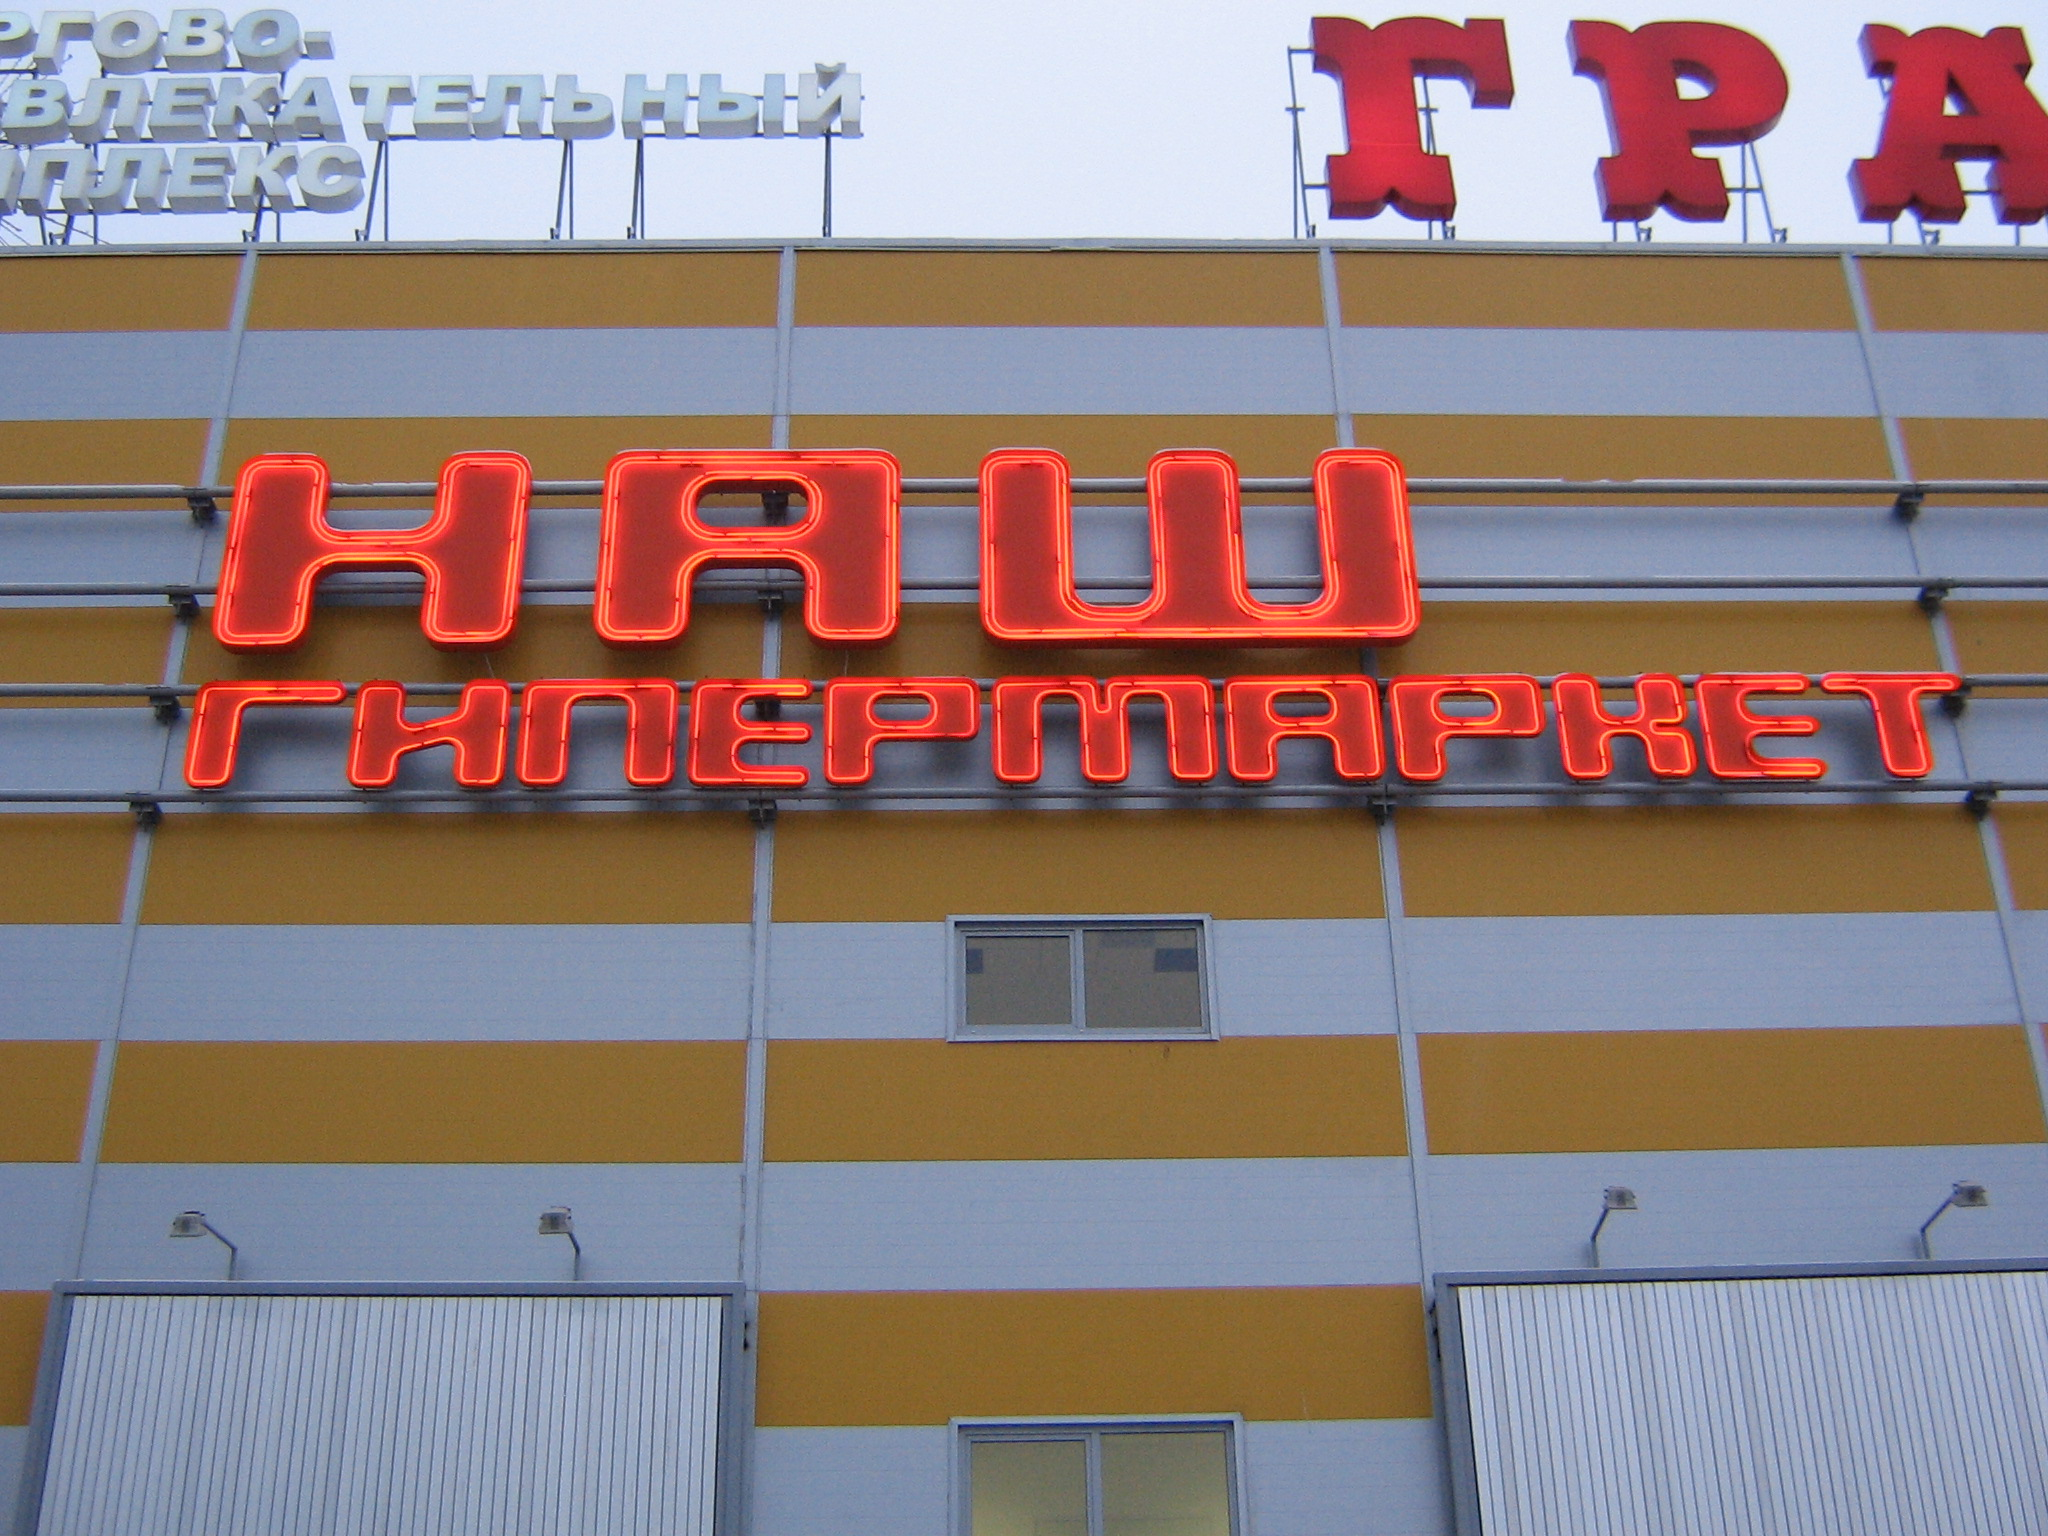 изготовление и монтаж фасадной вывески 'Наш Гипермаркет'